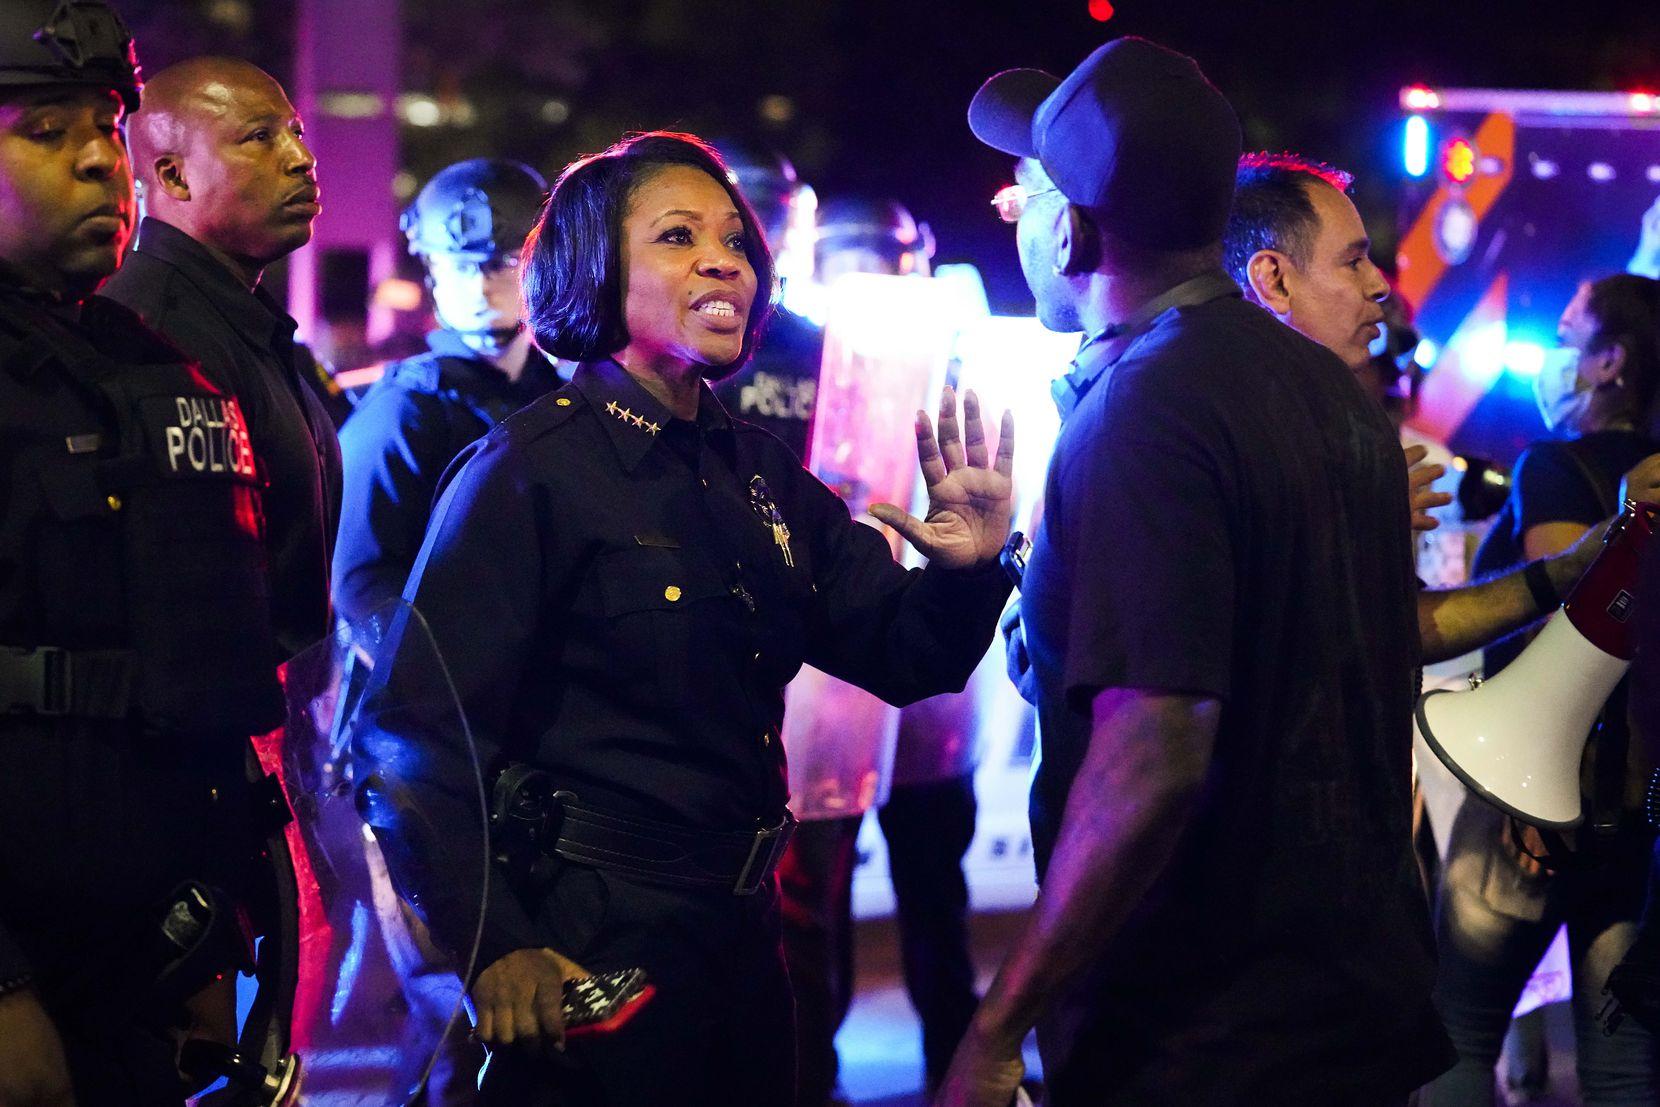 La jefa de la Policía de Dallas, Reneé Hall, habla con manifestantes en el centro de Dallas, el viernes por la noche.